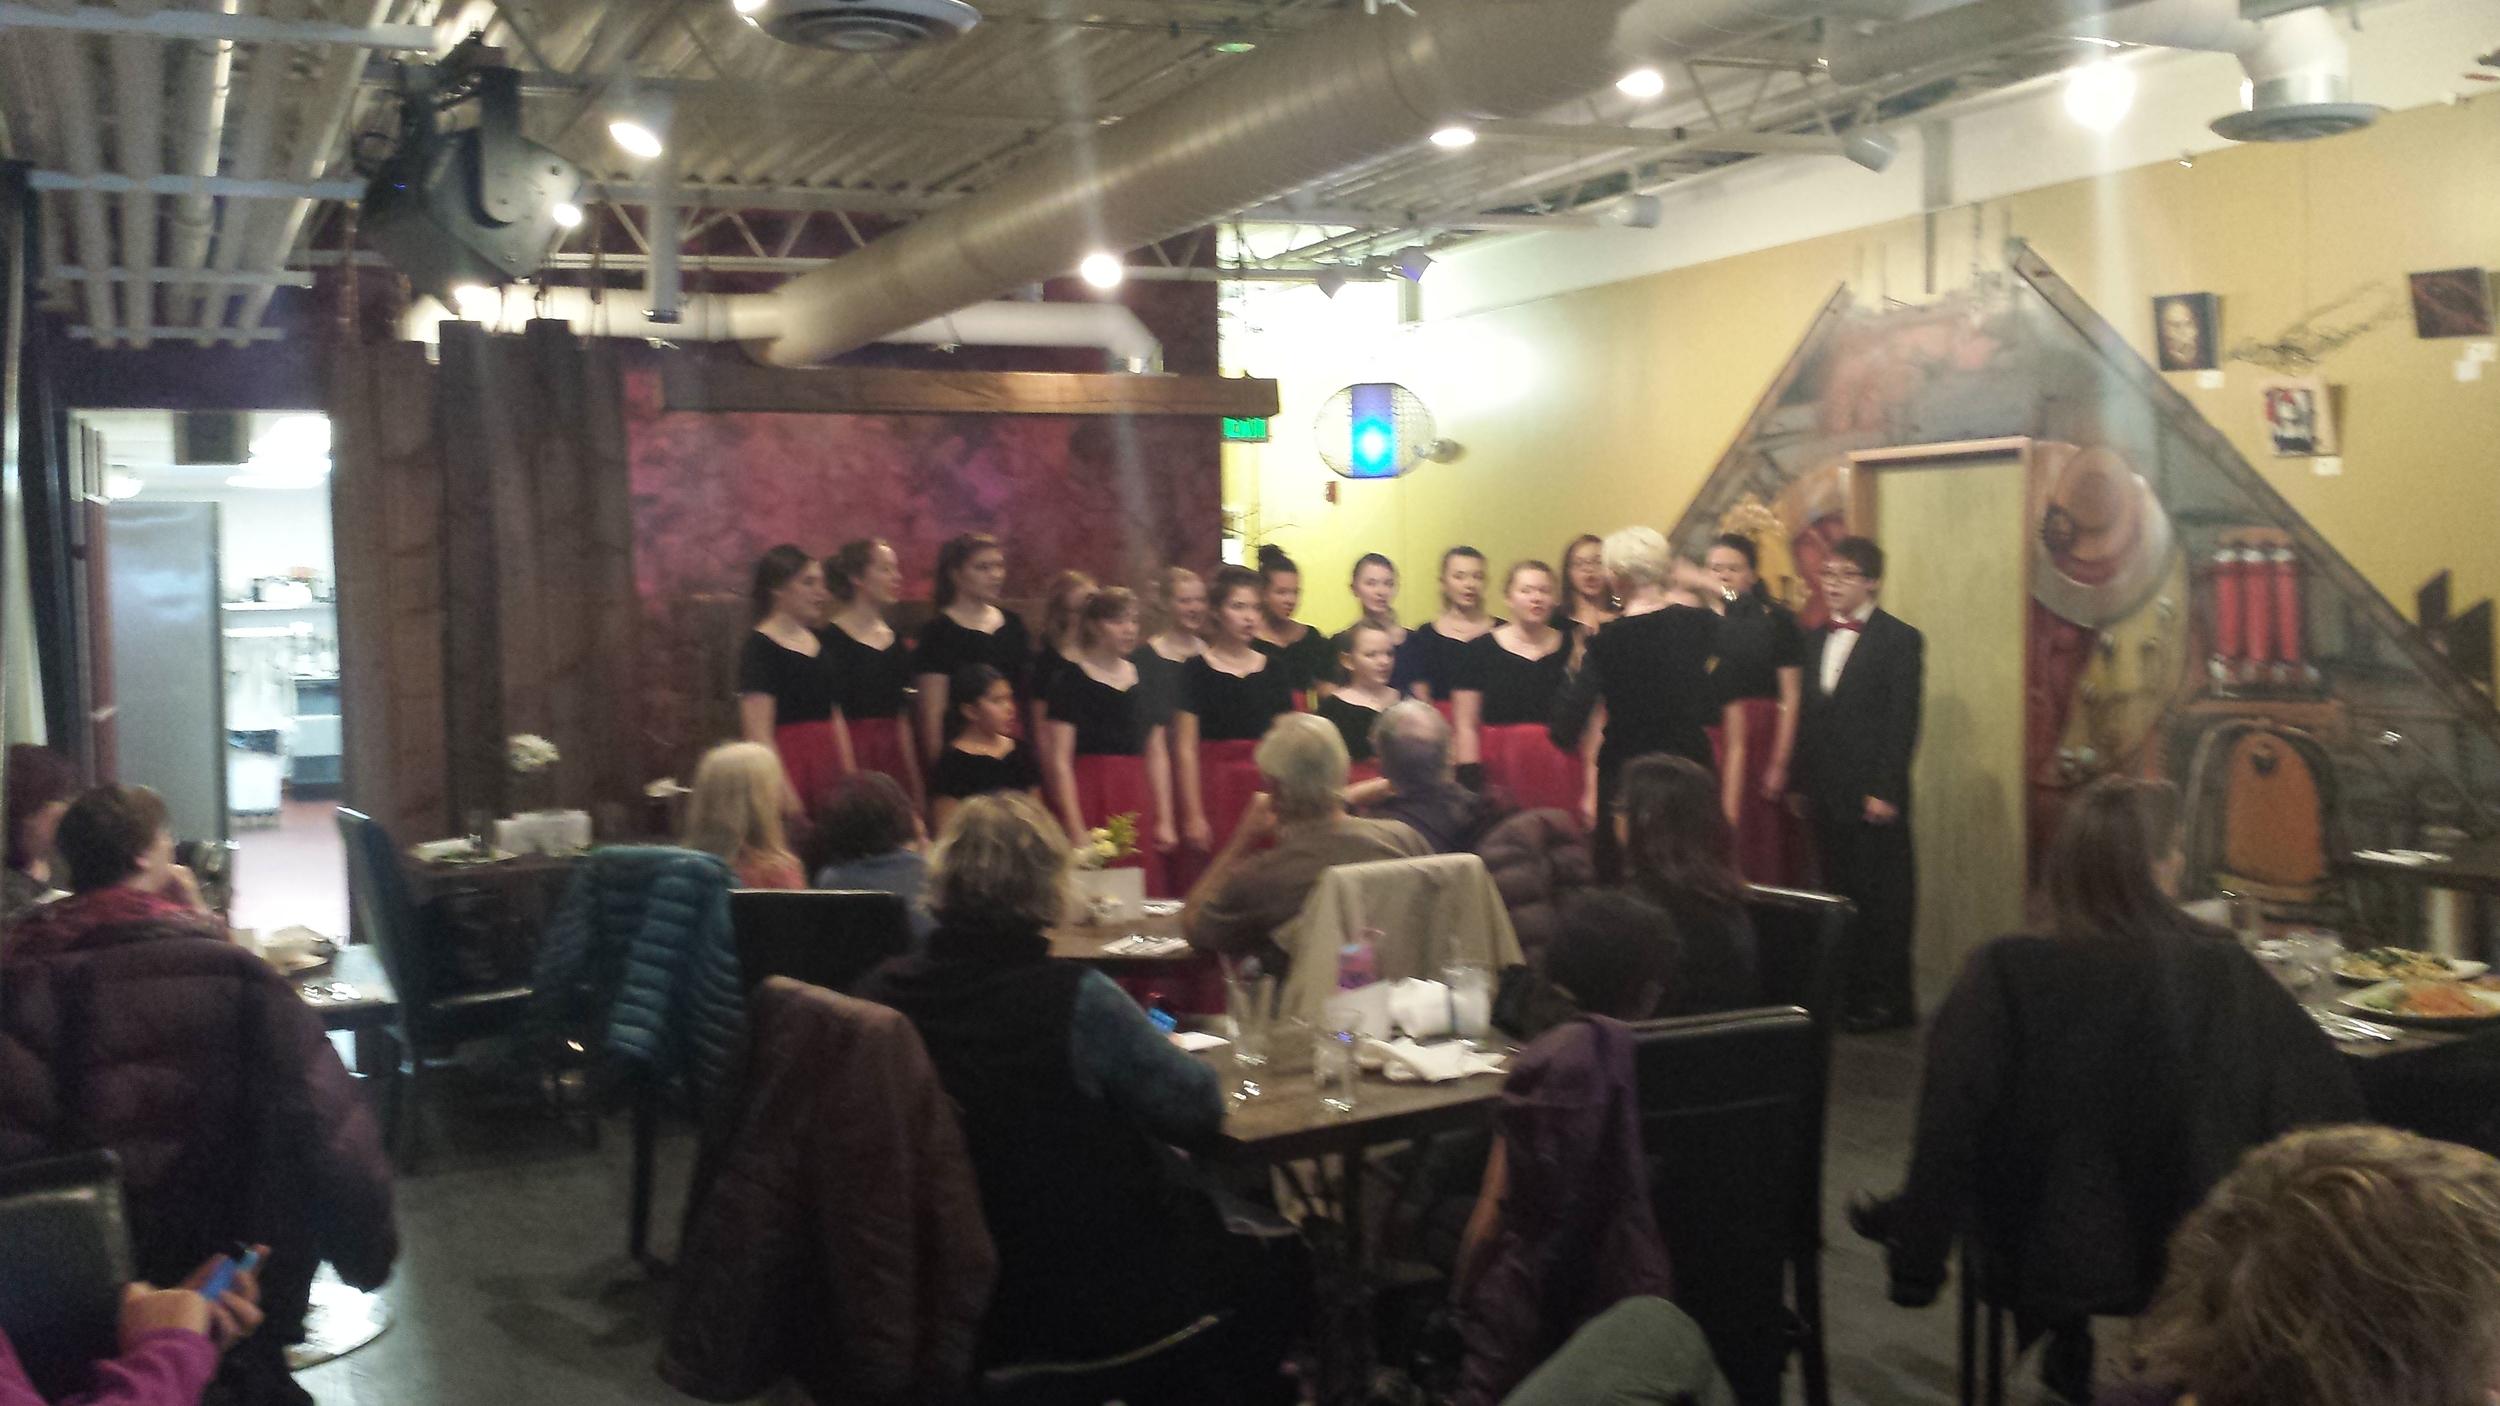 The Alaska Children's Choir